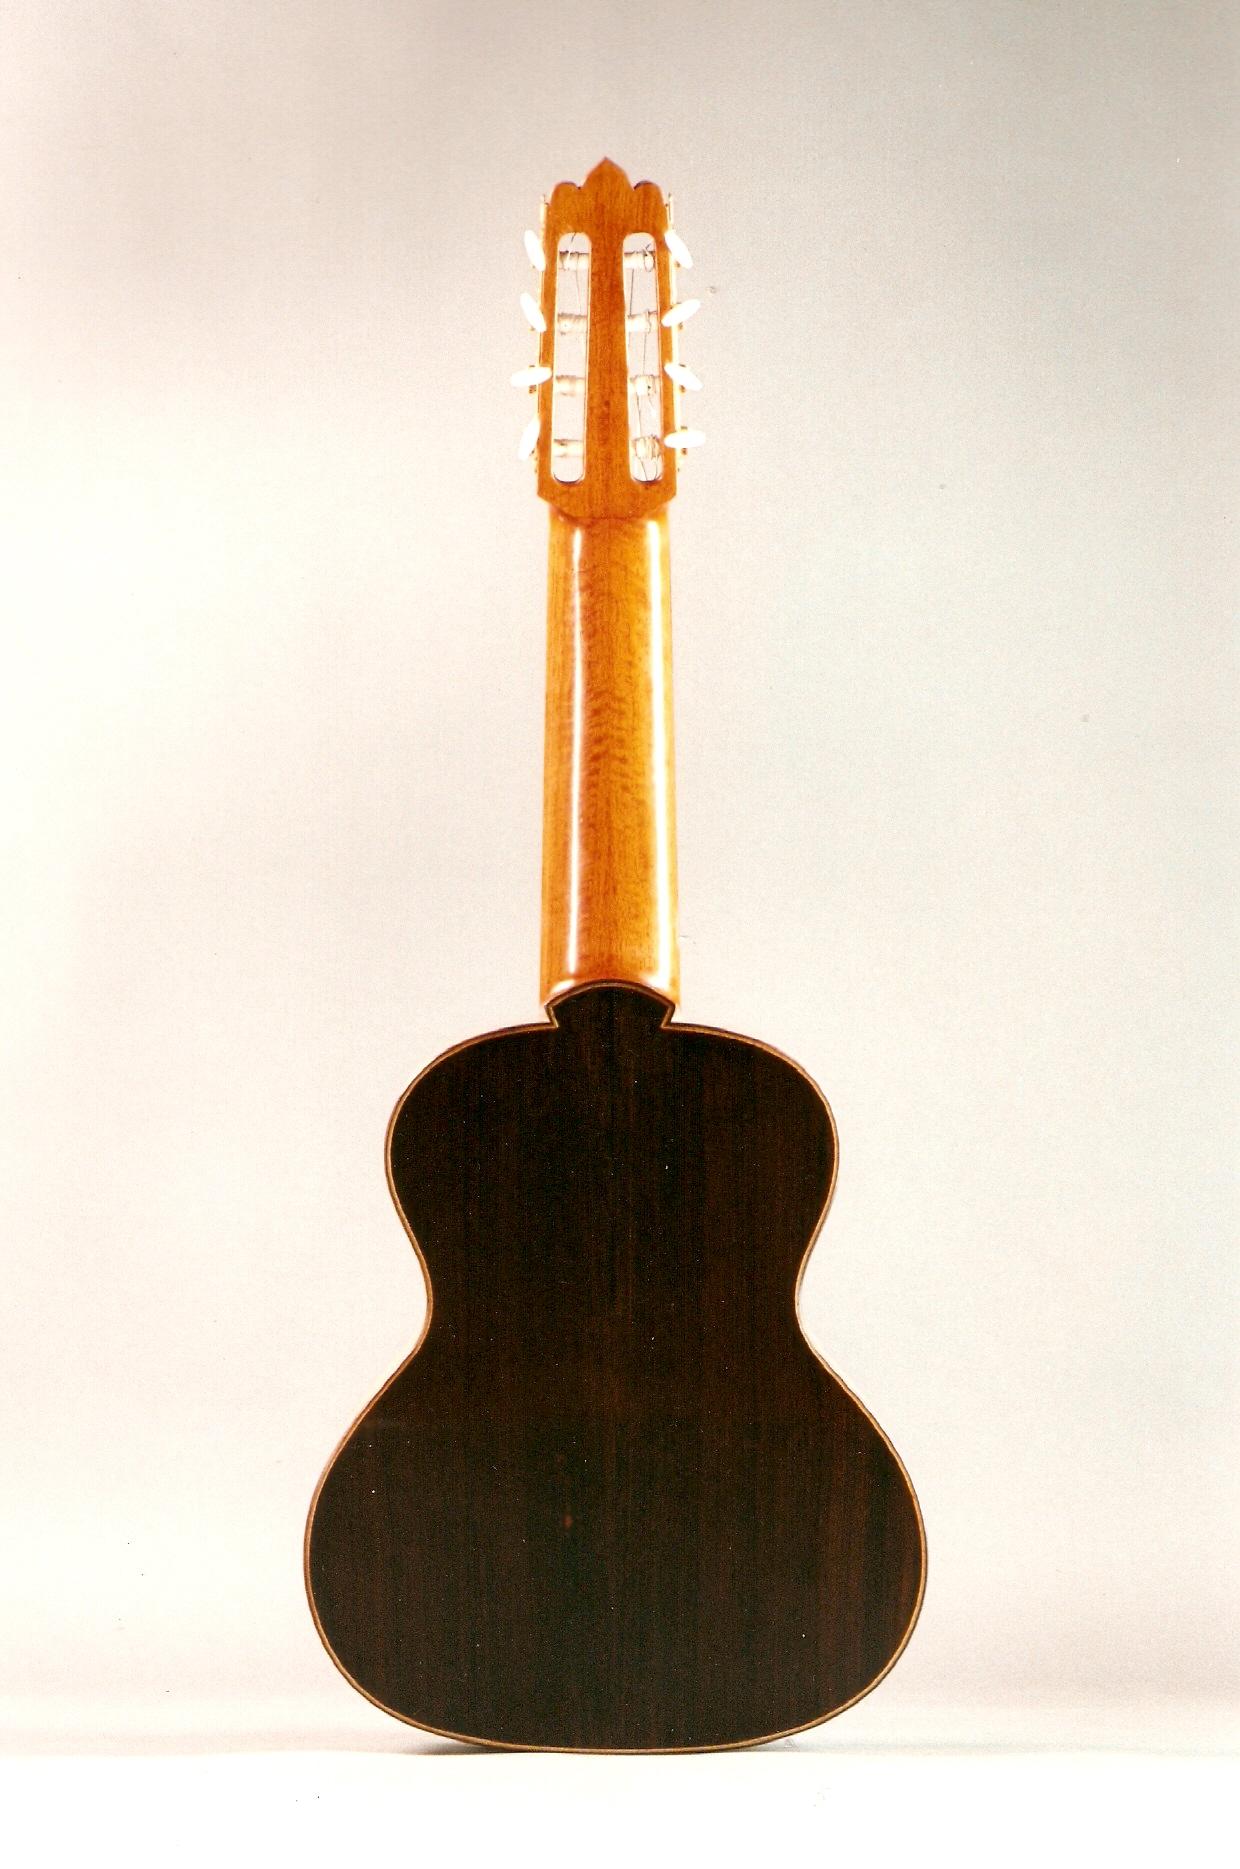 telli Requinto Gitarı, gövde Brezilya Gül ağacı, sap Cedrela balansae. Gomalak el cilası